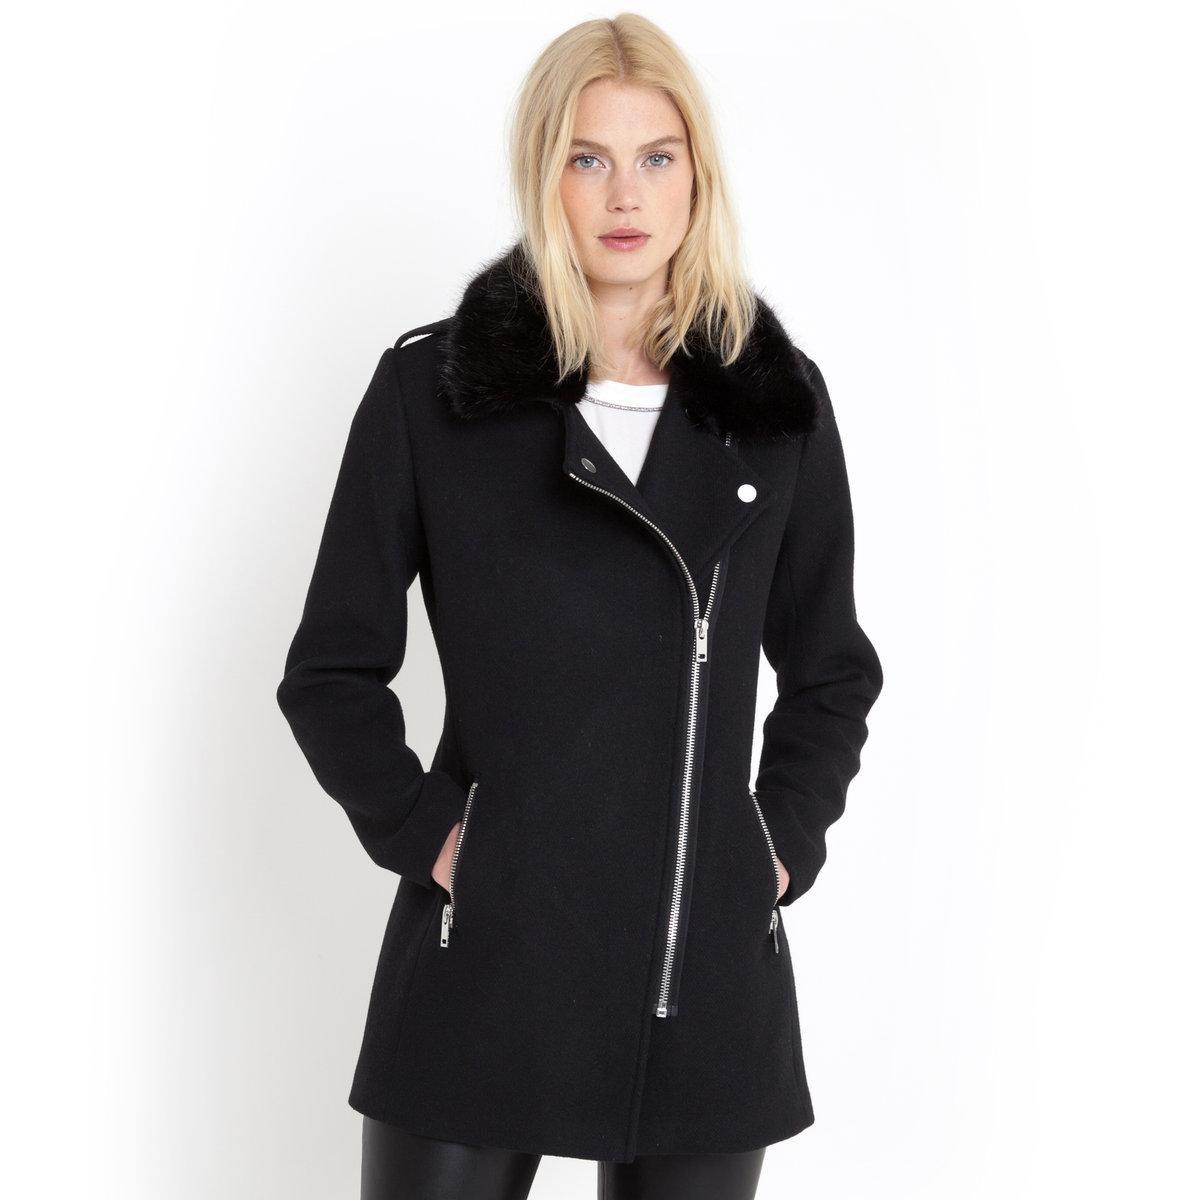 manteaux belle de la t te aux pieds avec la bonne coupe. Black Bedroom Furniture Sets. Home Design Ideas